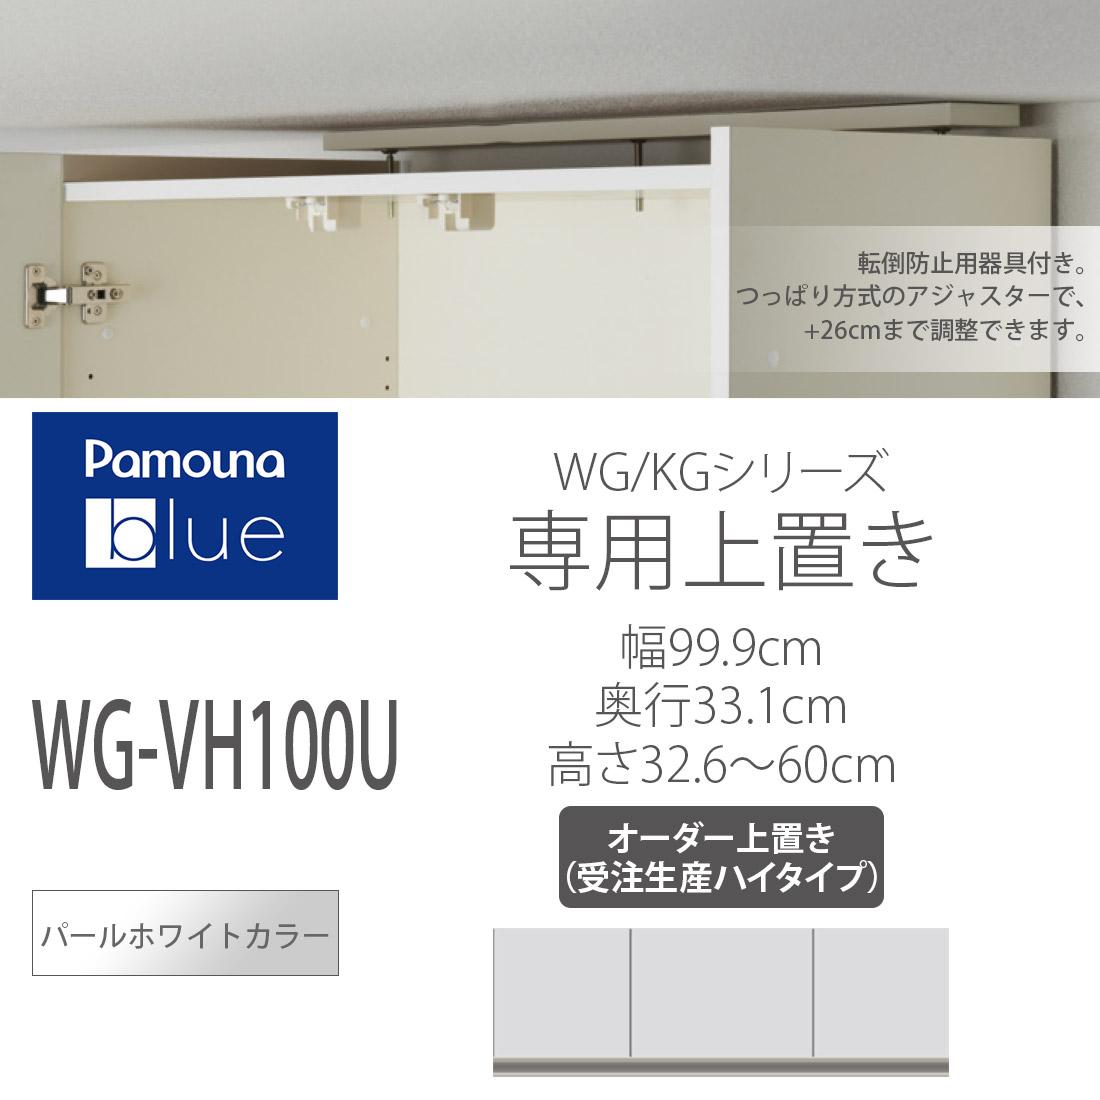 食器棚 パモウナ WL/KL WL-VH100U 高さオーダー上置 【幅99.8×奥行33.1×高さ32.6-60cm】 パールホワイト 安心 食器棚